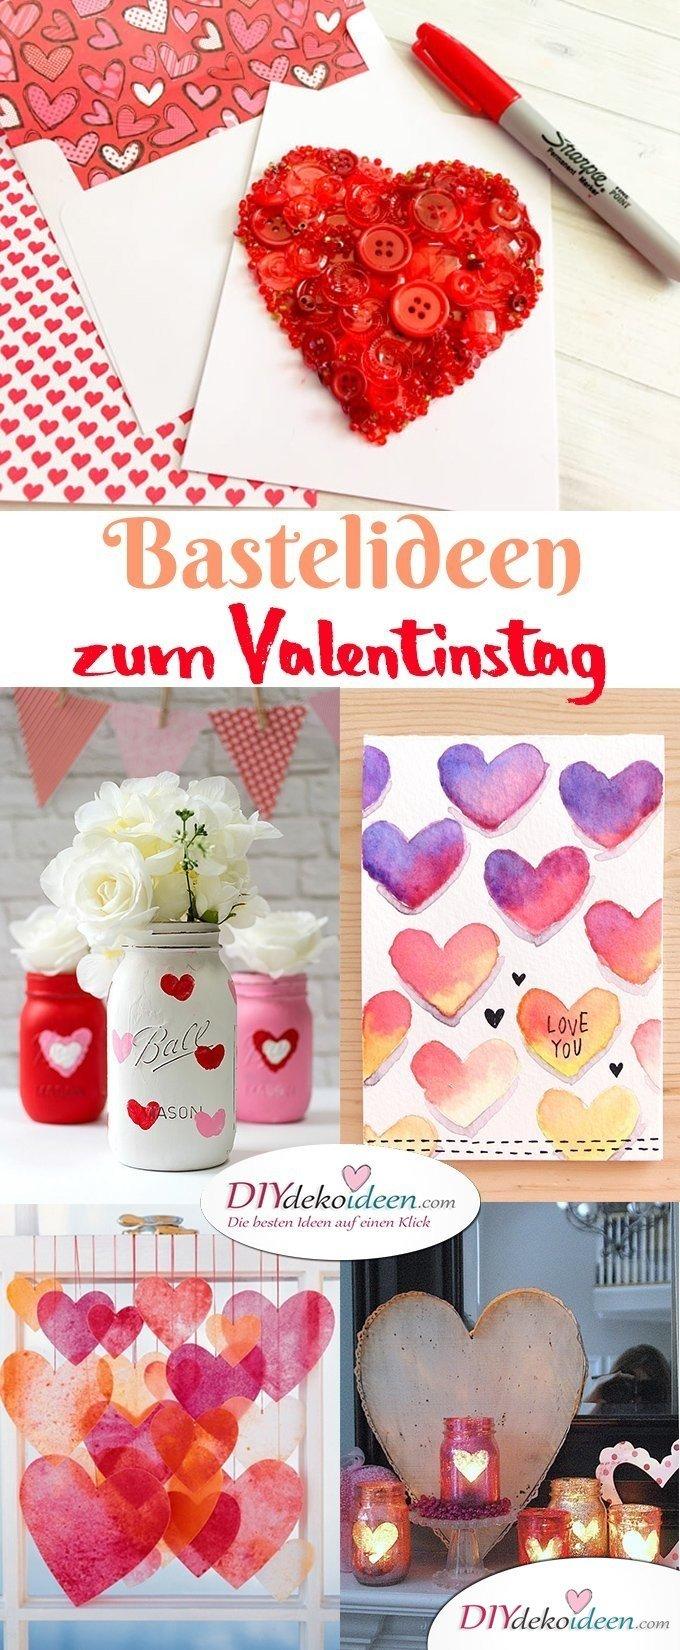 DIY Bastelideen zum Valentinstag, Valentinstag Deko Ideen, Deko Valentinstag, dekorieren, DIY Dekoideen, Deko basteln, romantische Deko, Geschenkidee Valentinstag